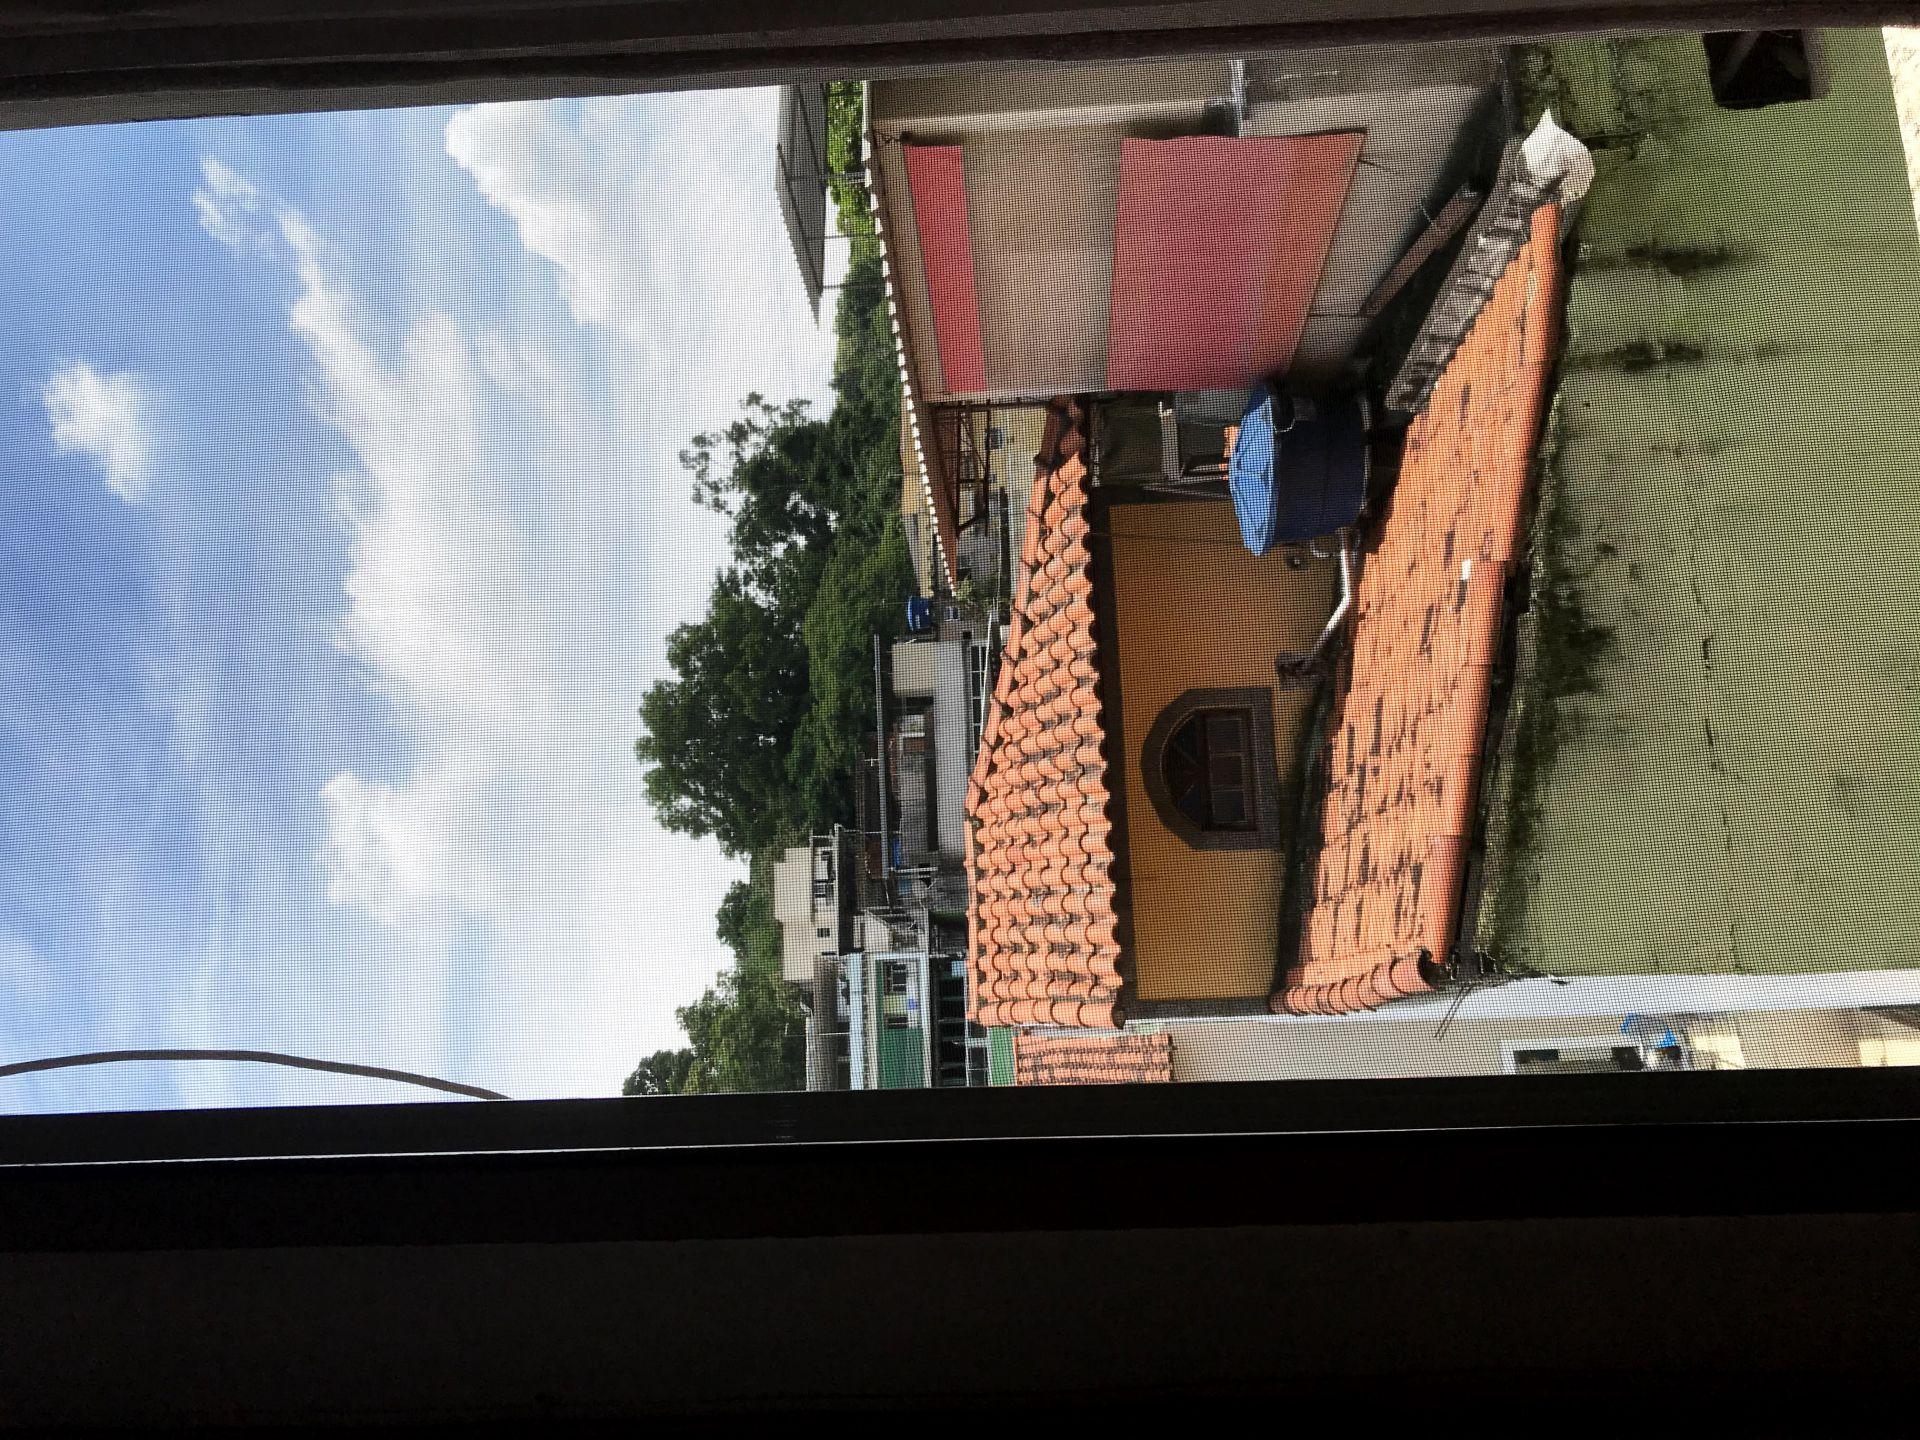 FOTO 15 - Apartamento à venda Avenida Marechal Fontenele,Jardim Sulacap, Rio de Janeiro - R$ 225.000 - RF168 - 16